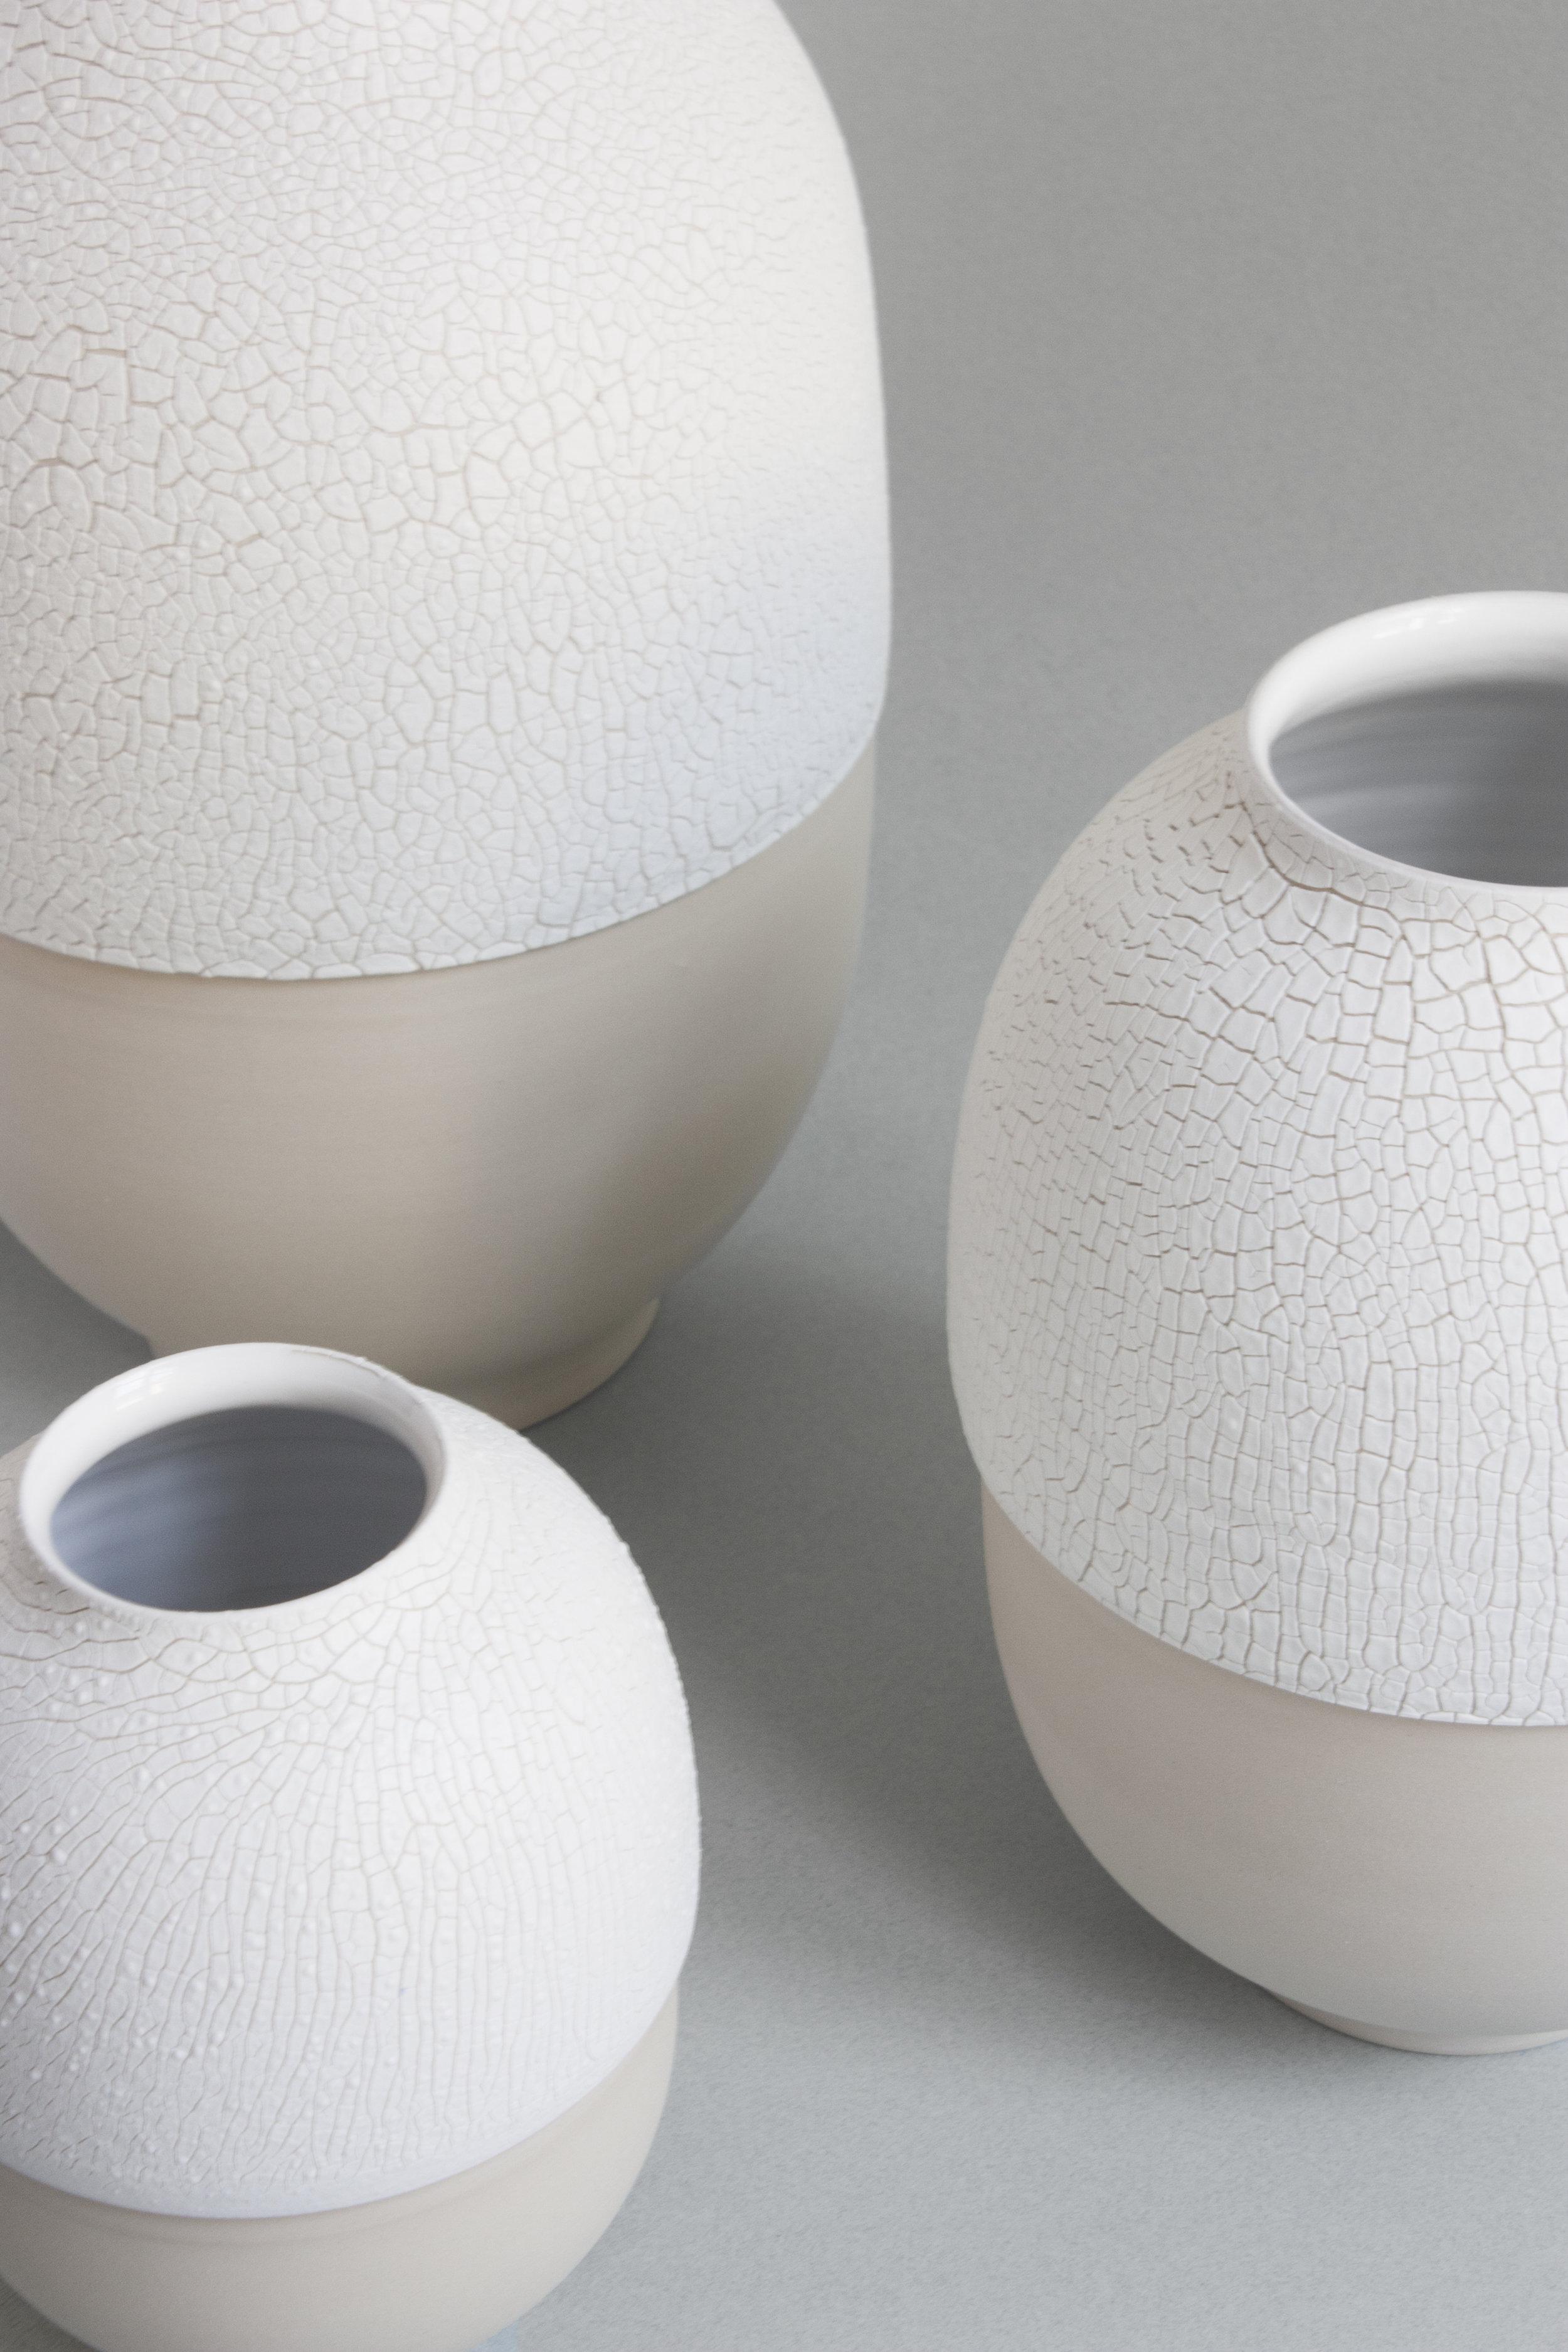 josefina-munoz-design-atacama-ceramic-vases-7.jpg